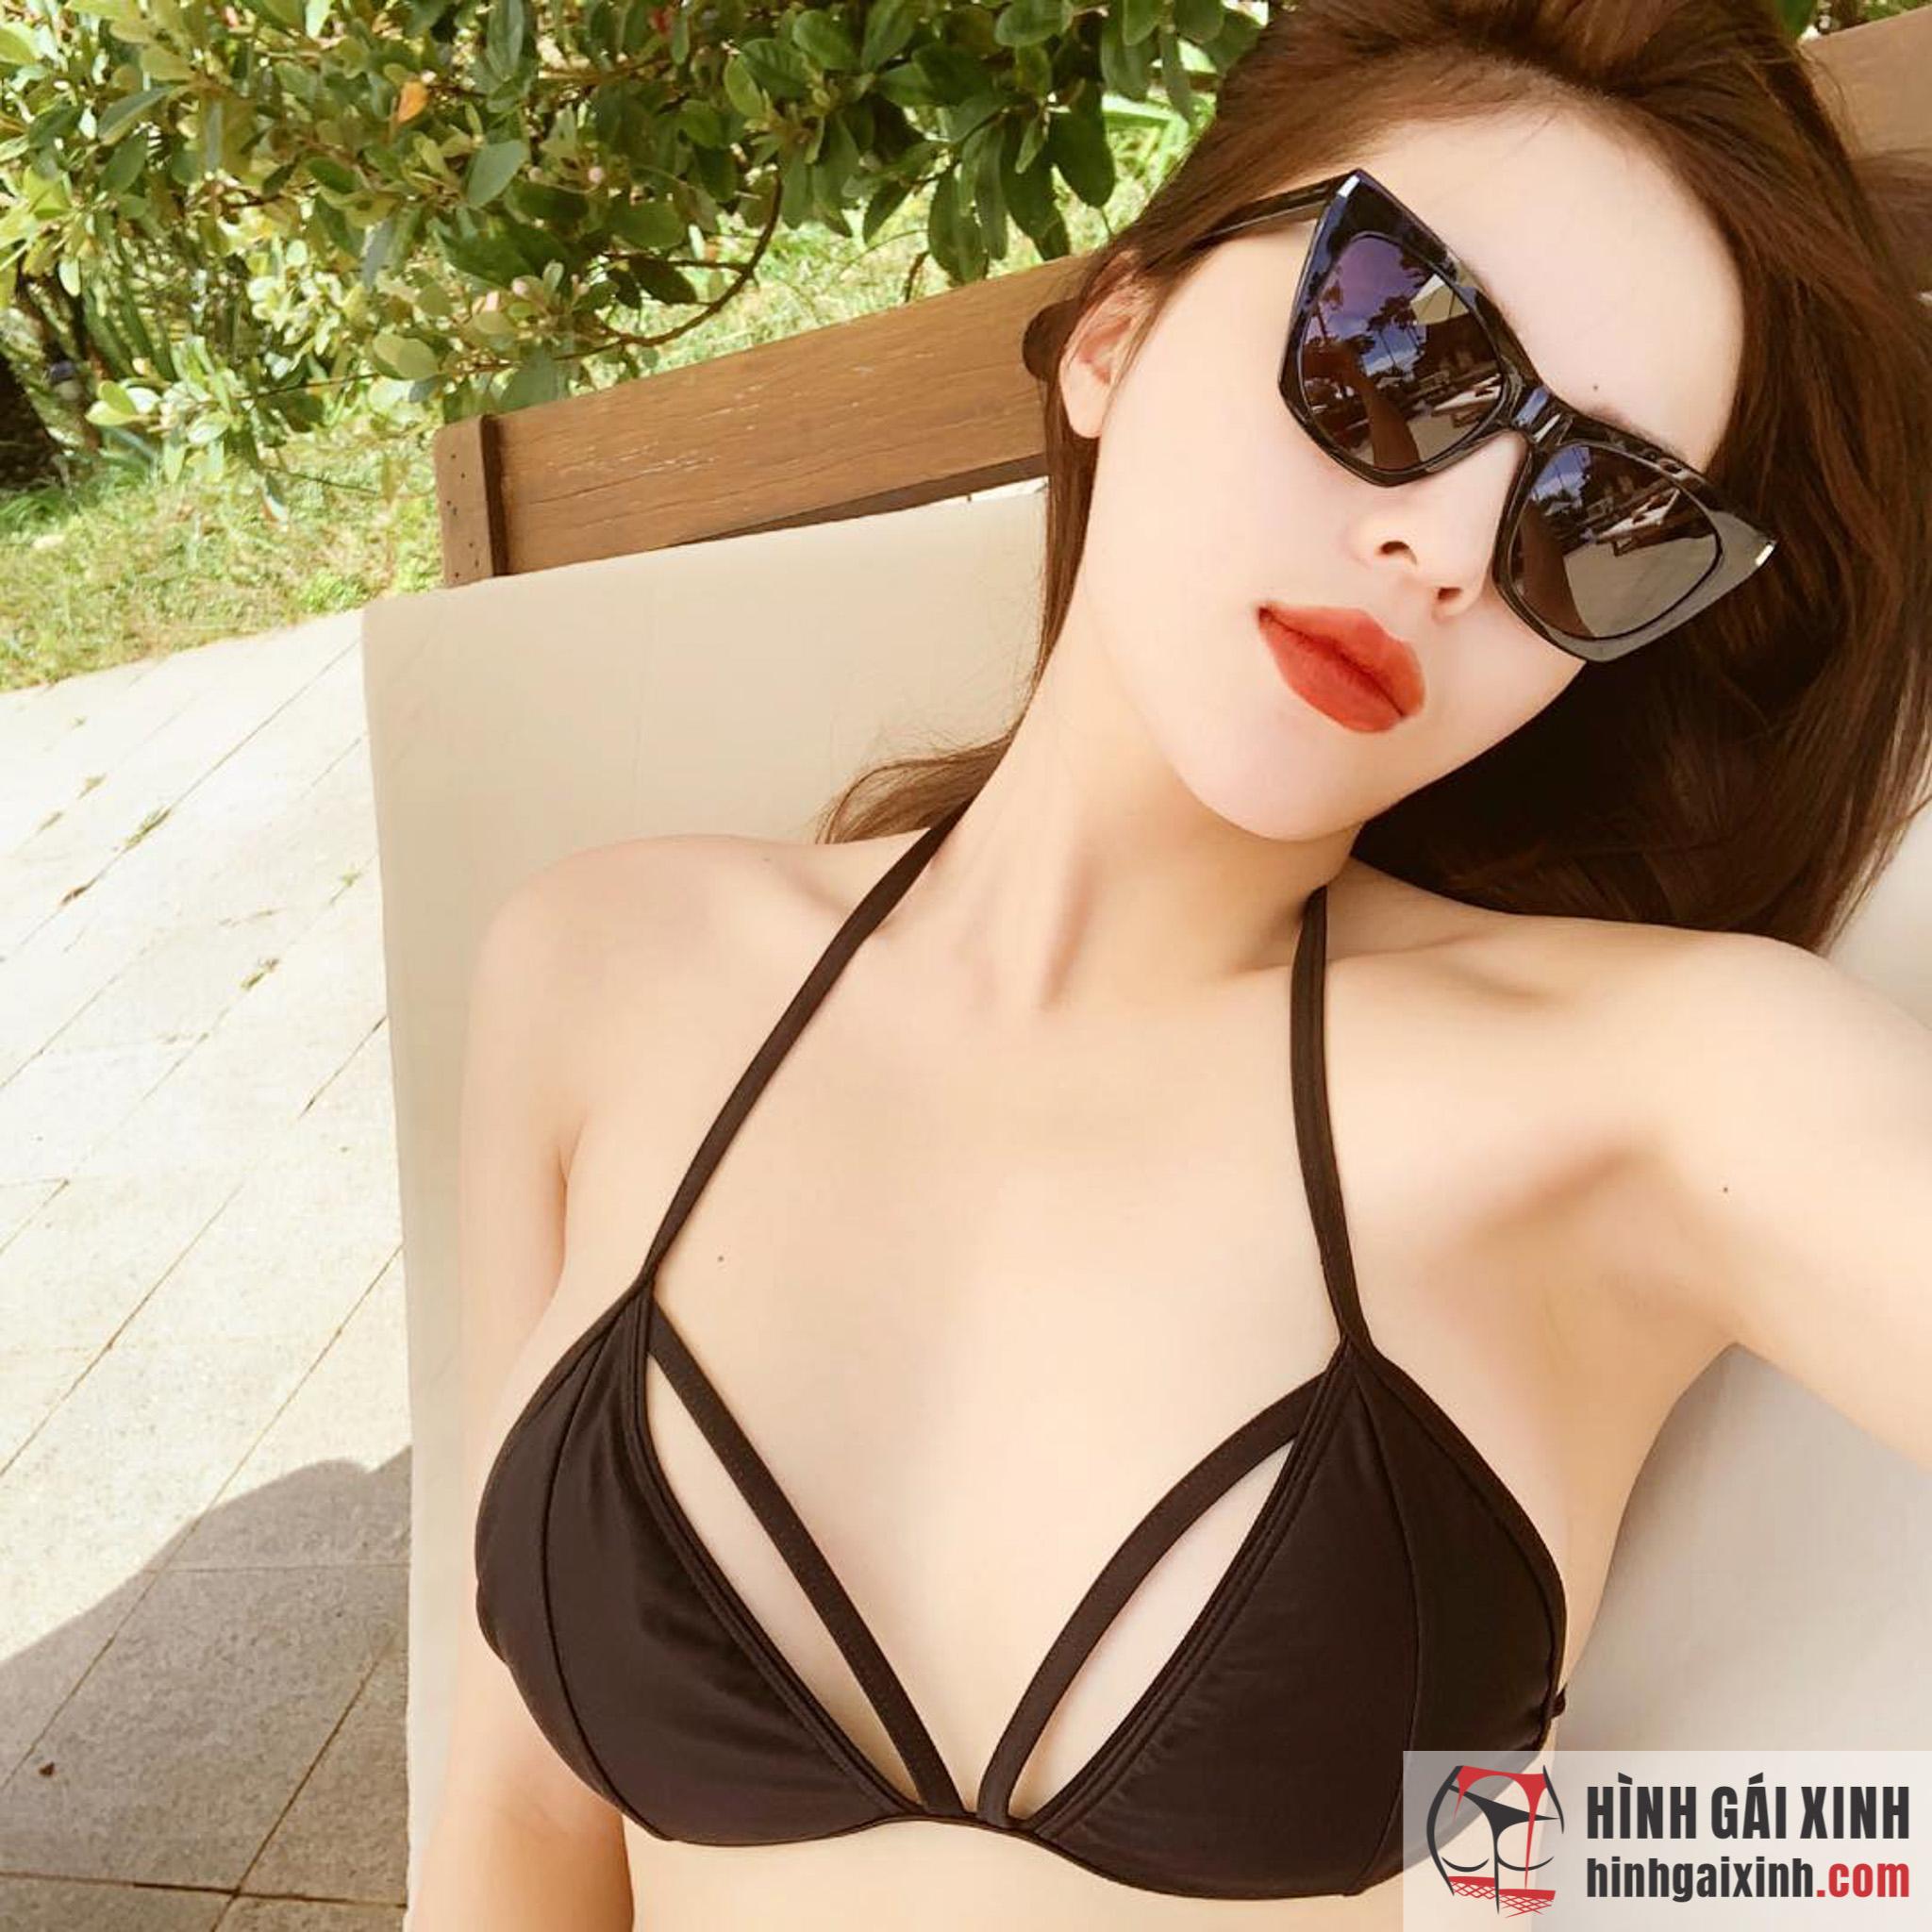 """Chiêm ngưỡng nhan sắc hot girl Đà Nẵng Thái Thảo Nguyên """"mỹ nhân đẹp nhất sân golf"""""""